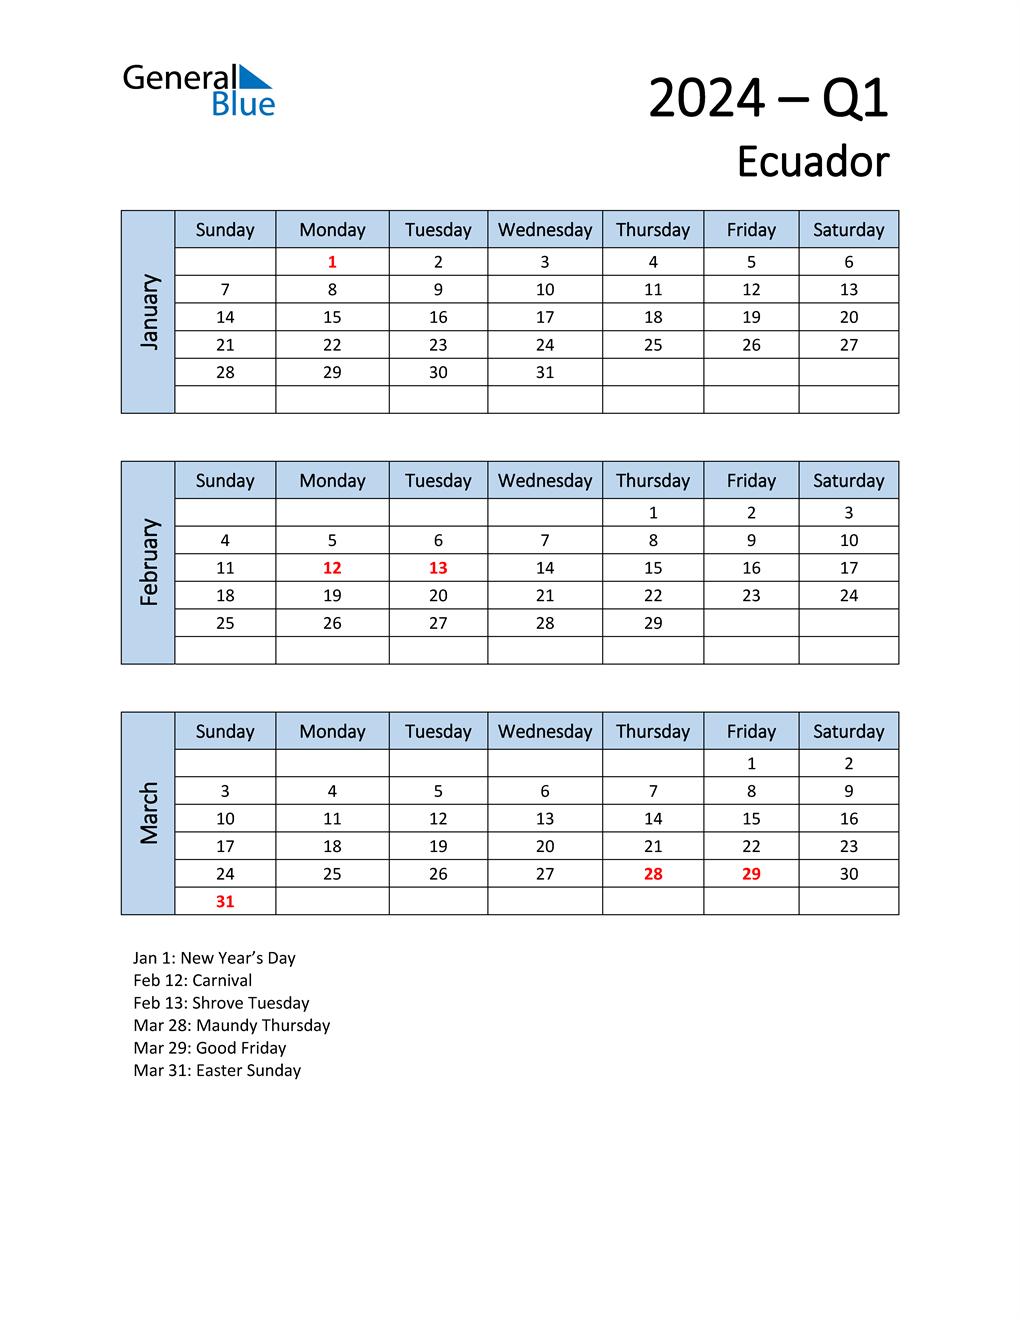 Free Q1 2024 Calendar for Ecuador